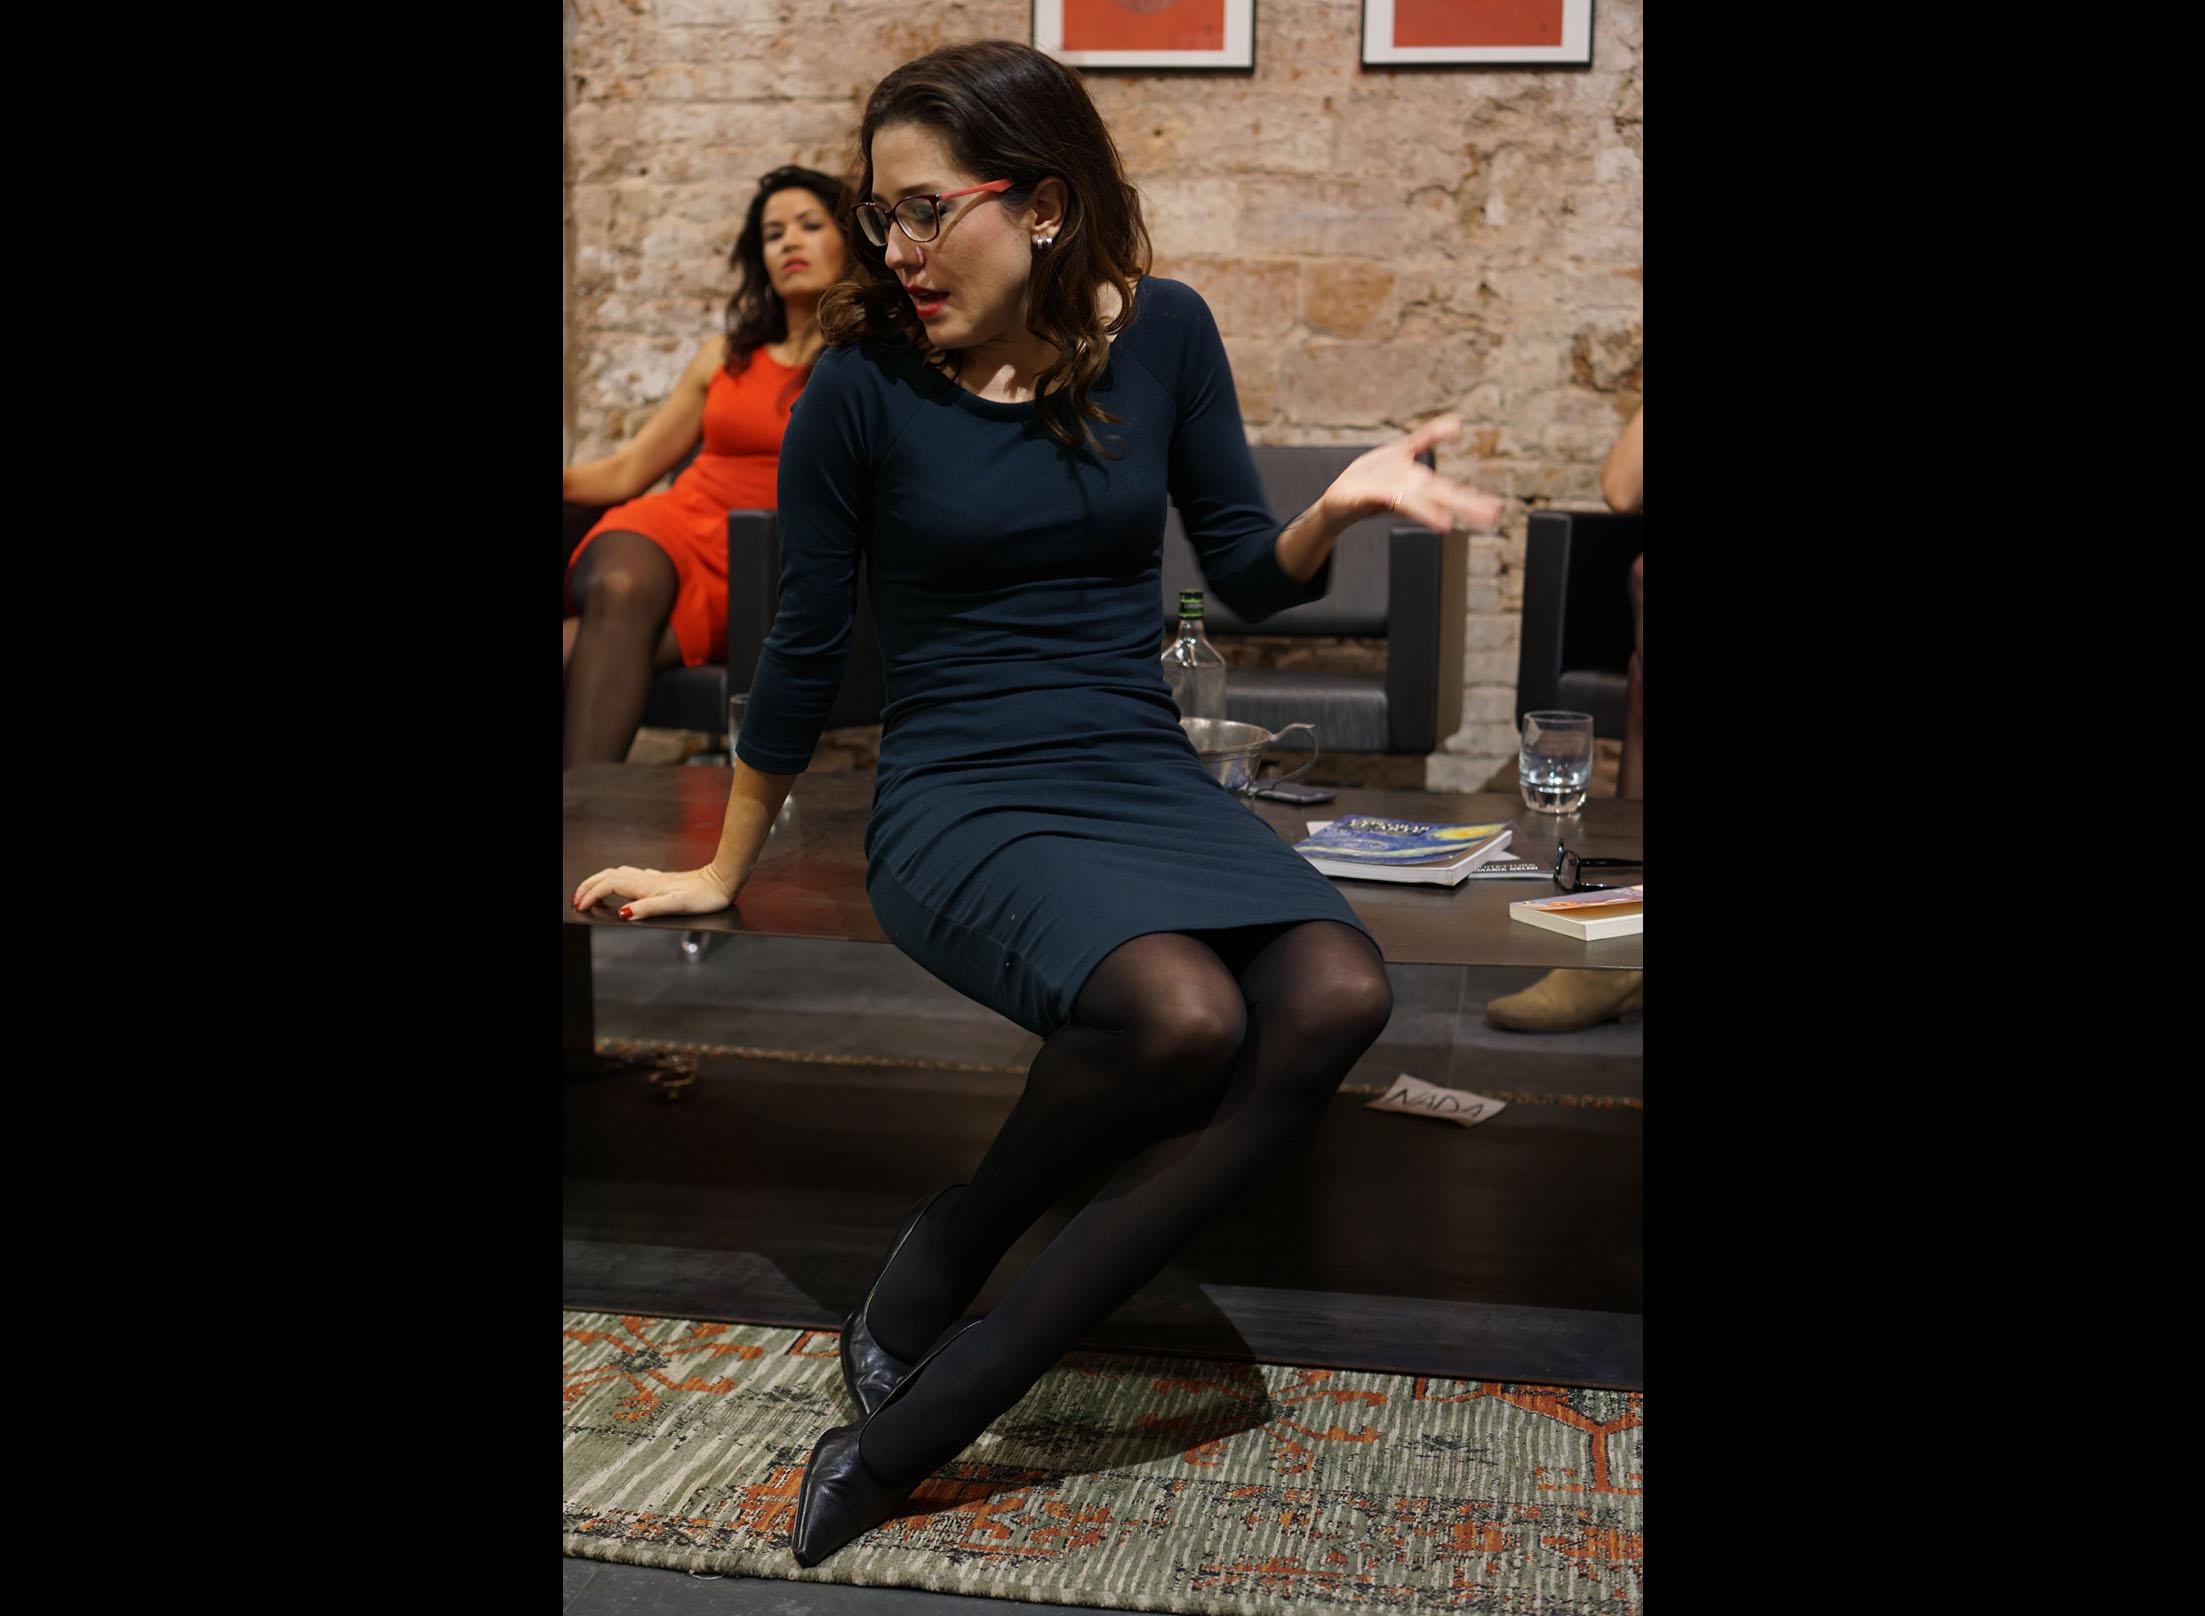 opera_lounge_barcelona_las cosas que ellas dicen_4.jpg